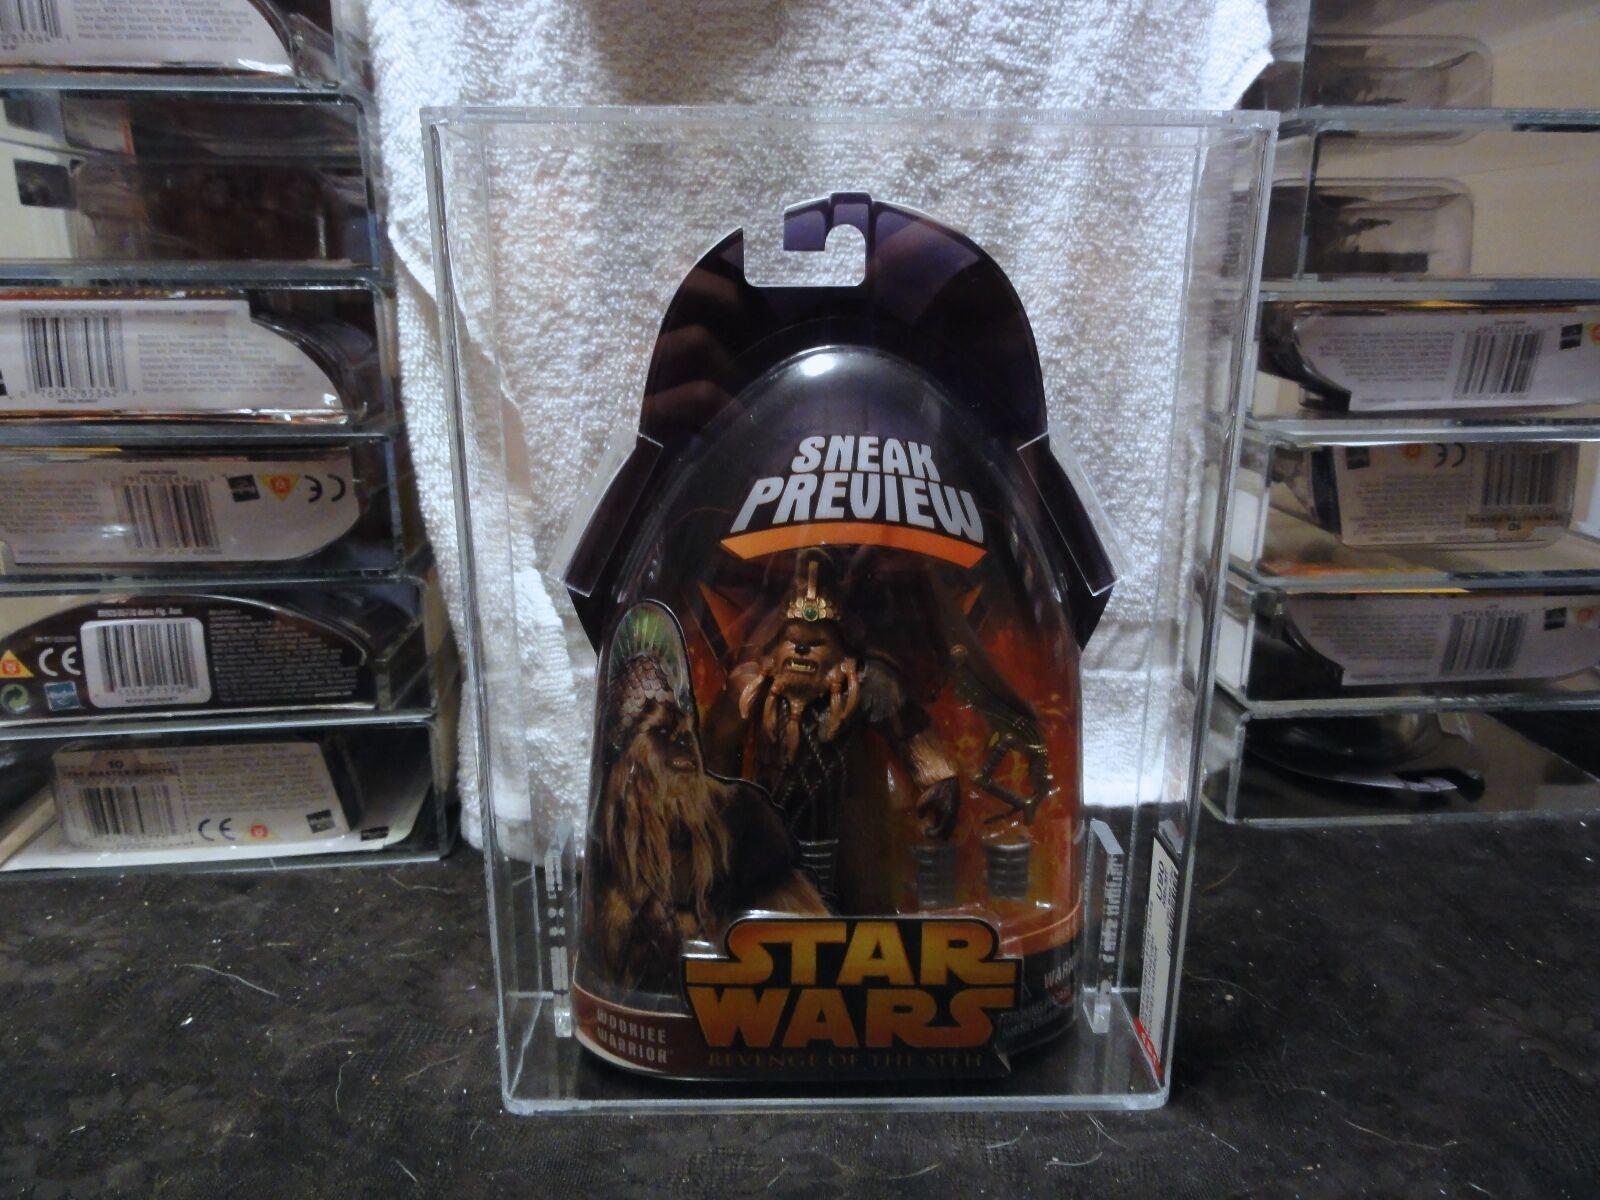 Star - wars - 2005 verrottet vorschau wookiee krieger afa versiegelt mib - box